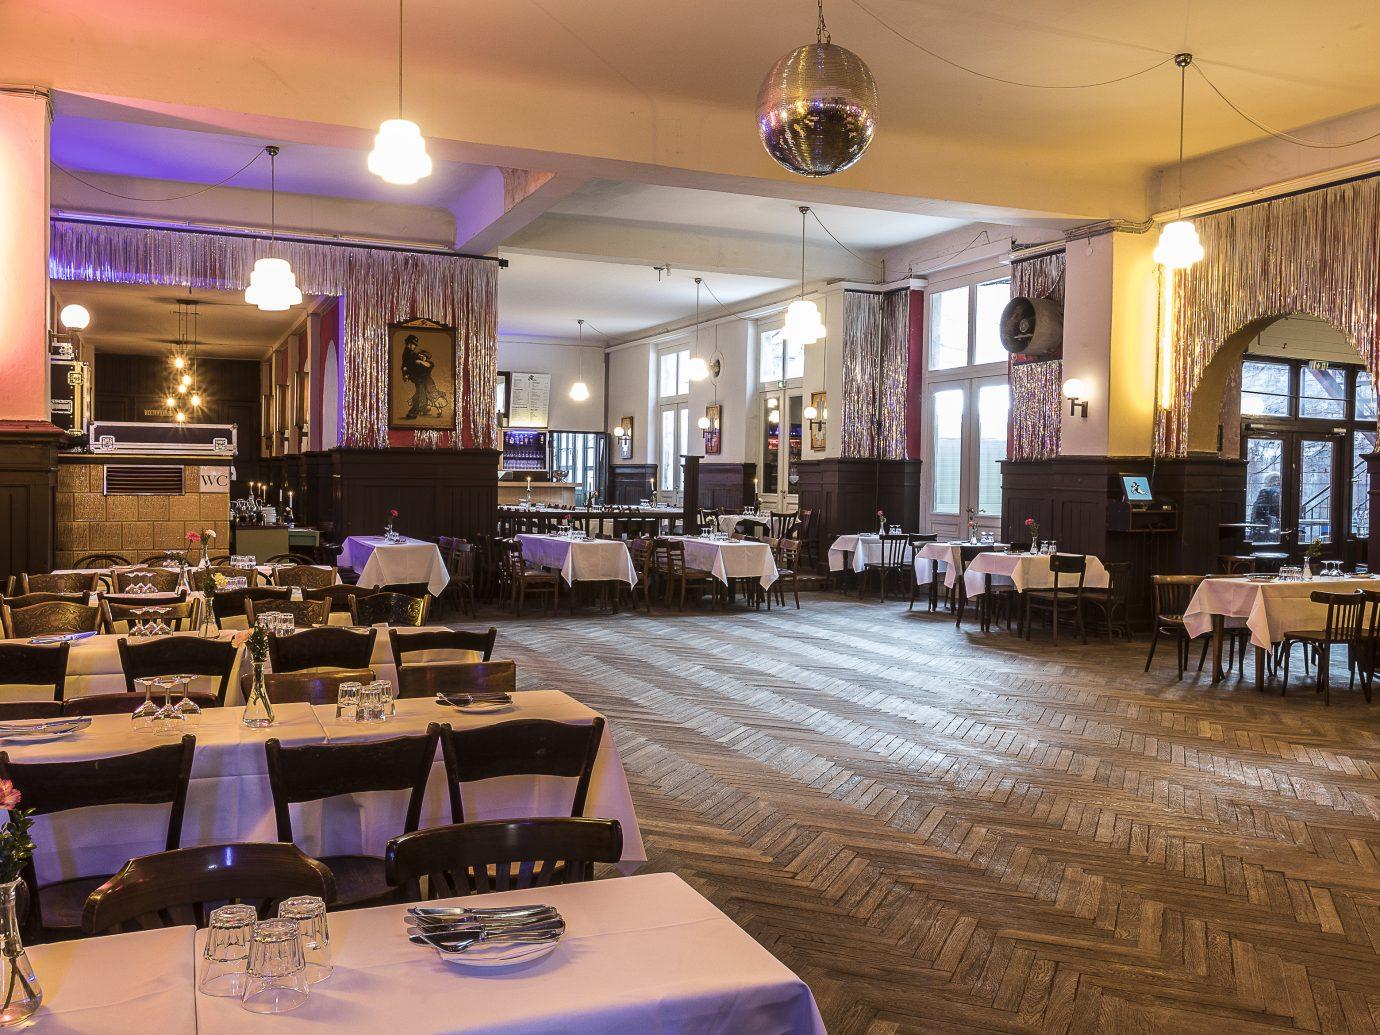 Claerchens Ballhaus dining room